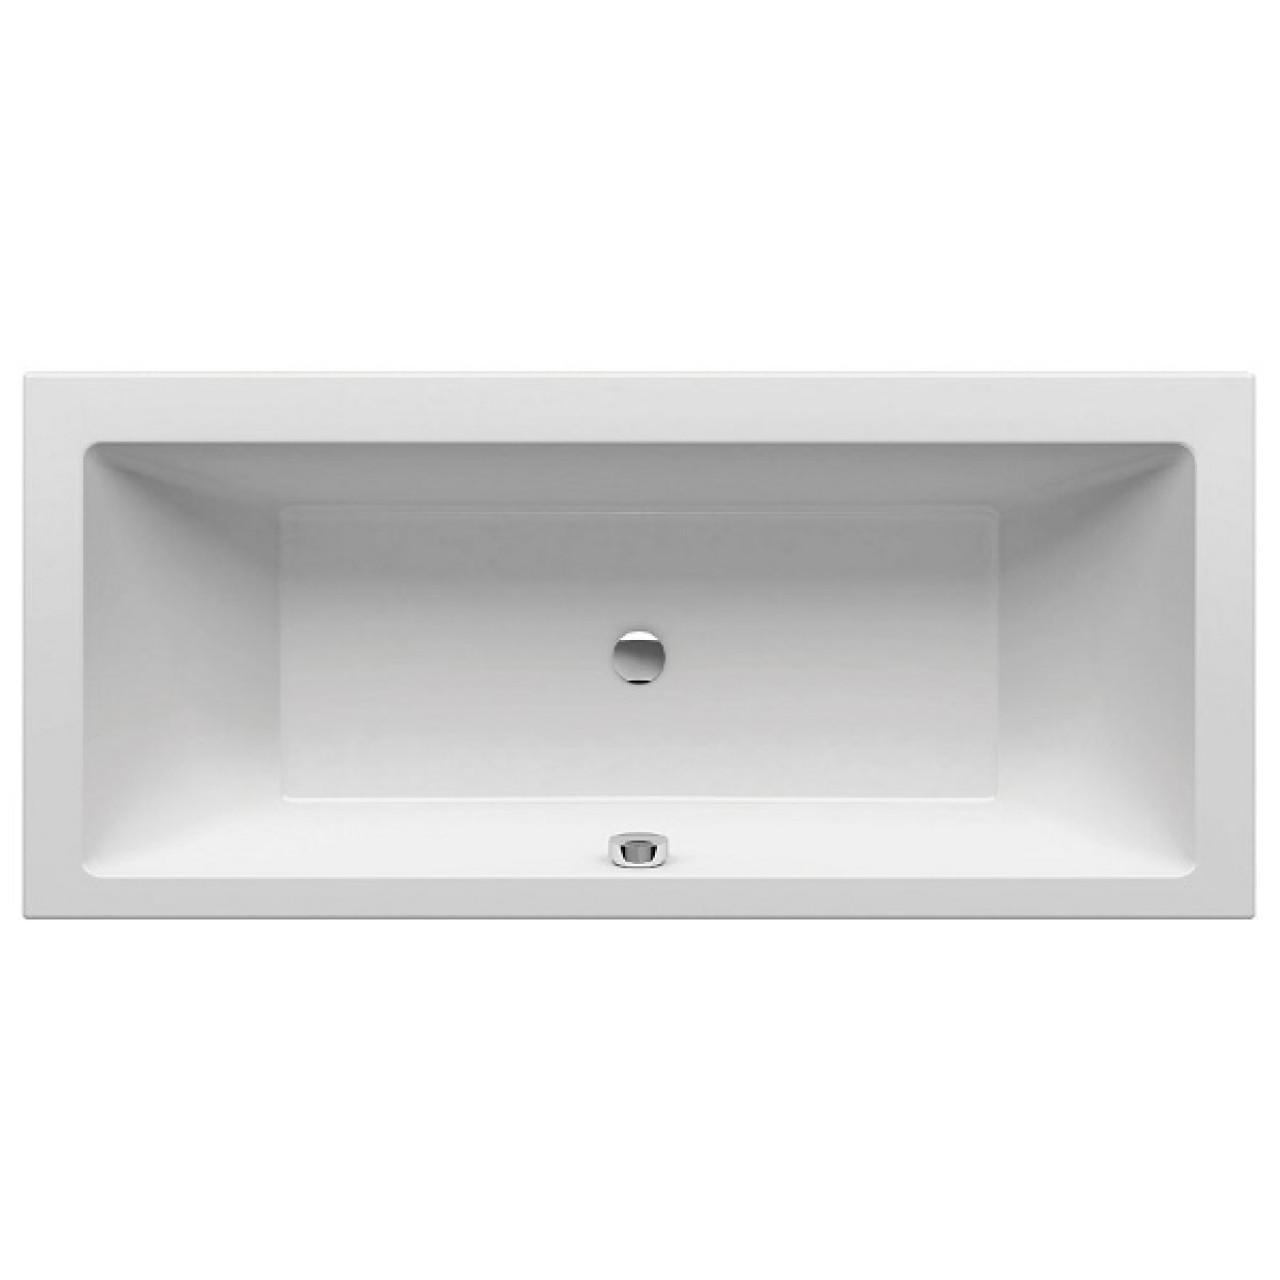 Акриловая ванна Ravak Formy 01 180x80 C881000000 купить в Москве по цене от 37260р. в интернет-магазине mebel-v-vannu.ru